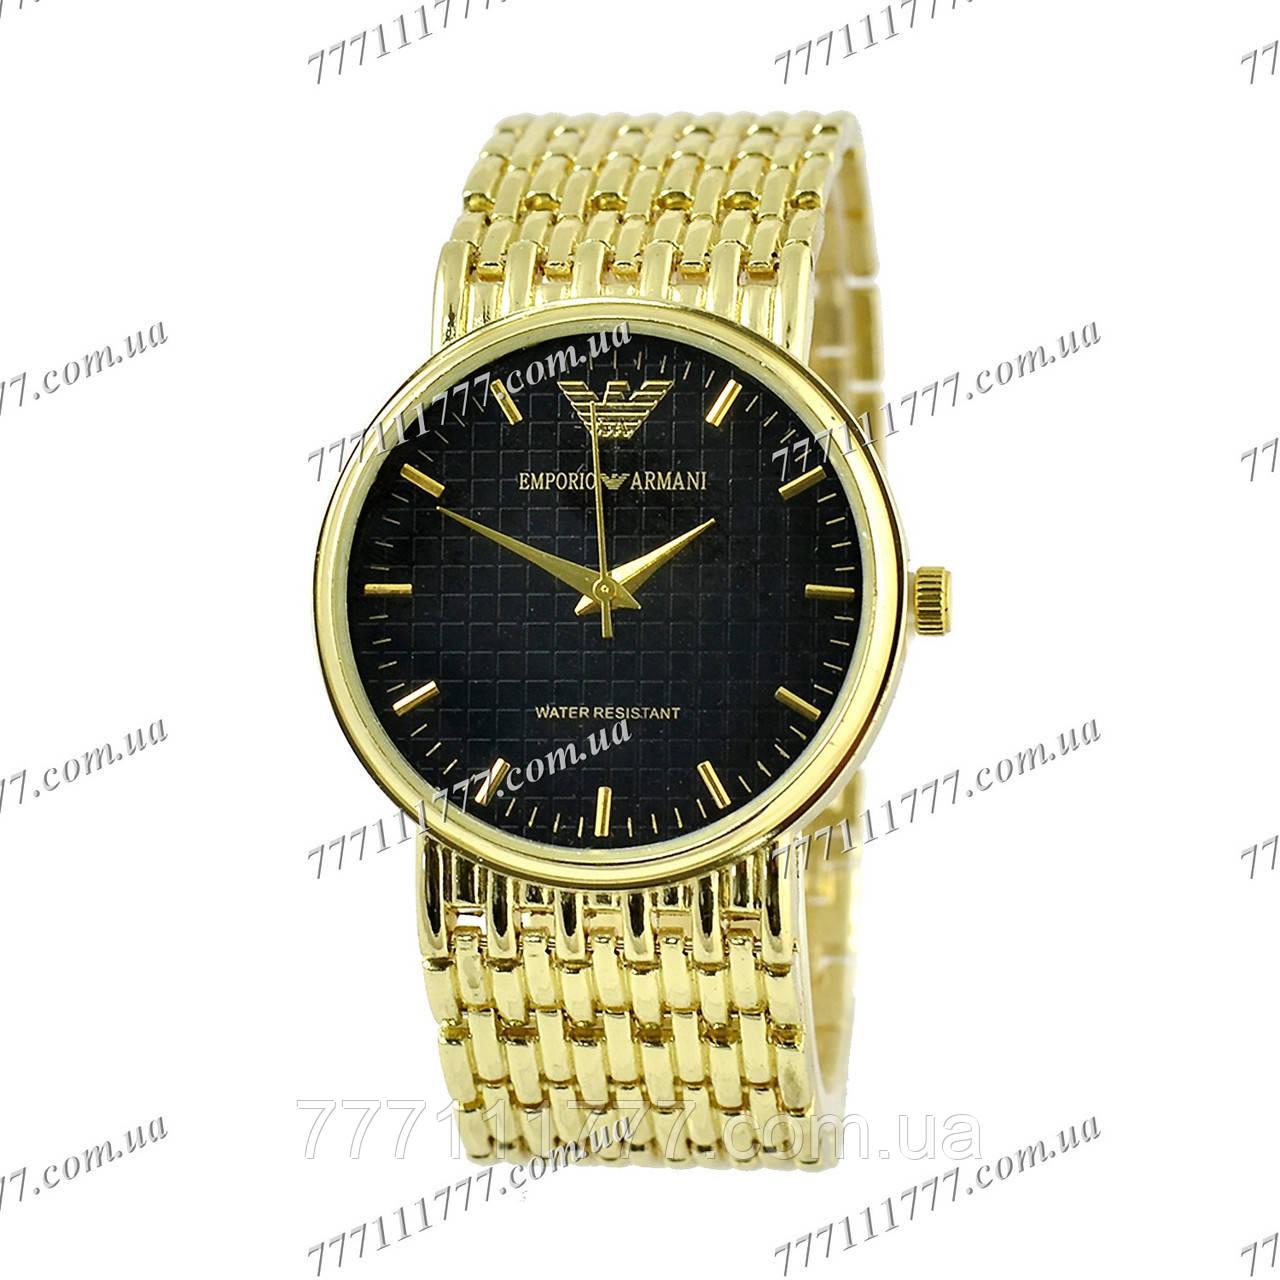 4a434a70 Часы женские наручные Armani SSVR-1001-0060, цена 271 грн., купить в ...